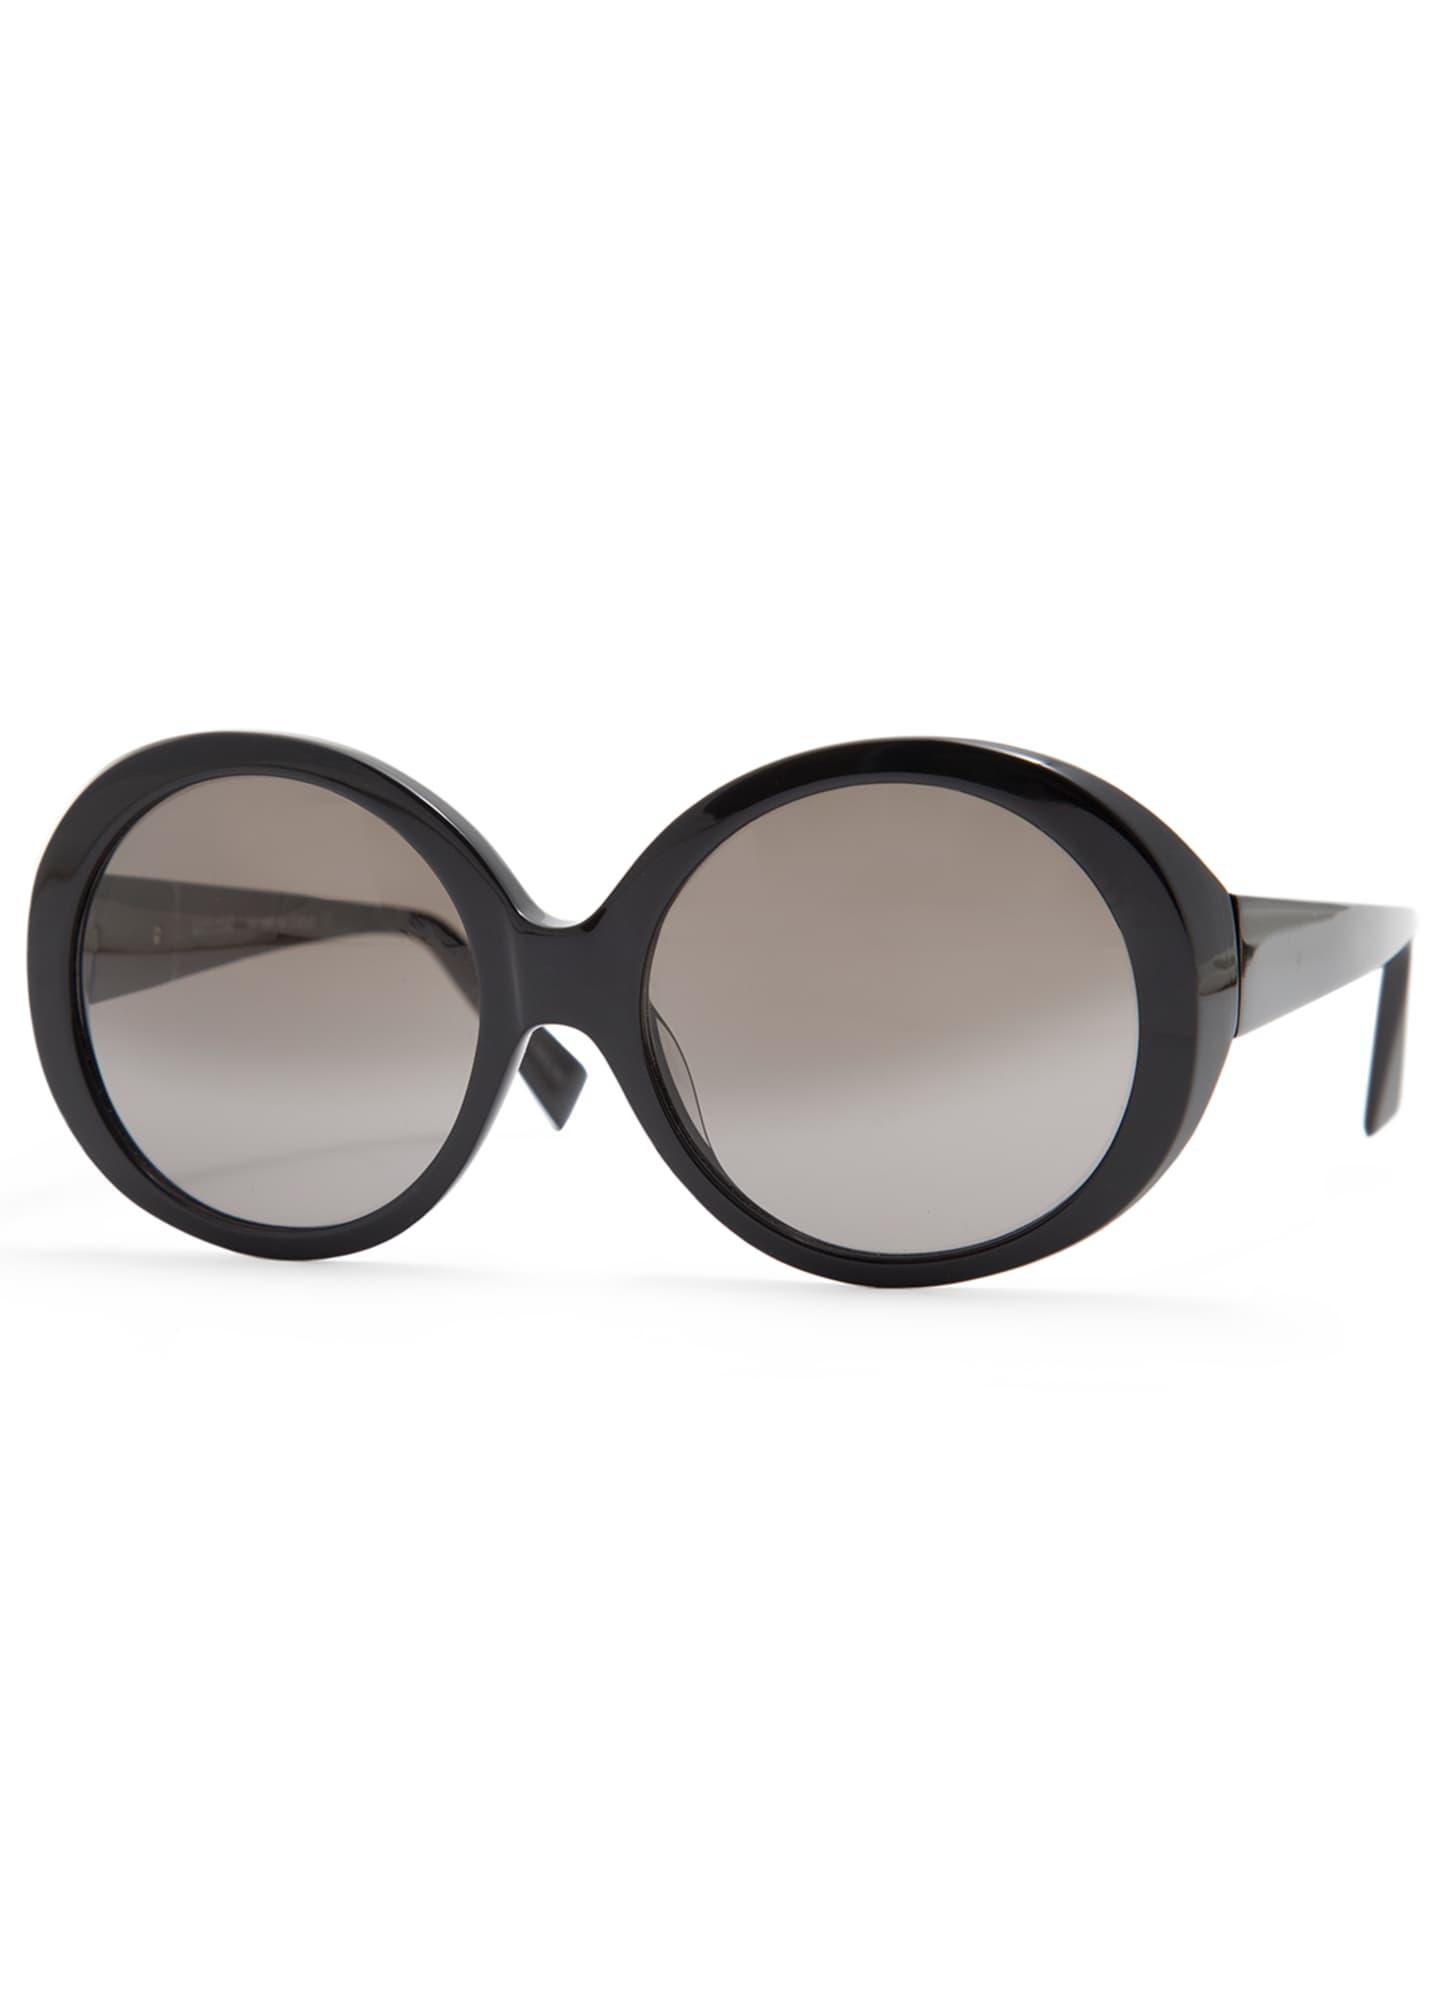 Alain Mikli Iris Oval Acetate Sunglasses